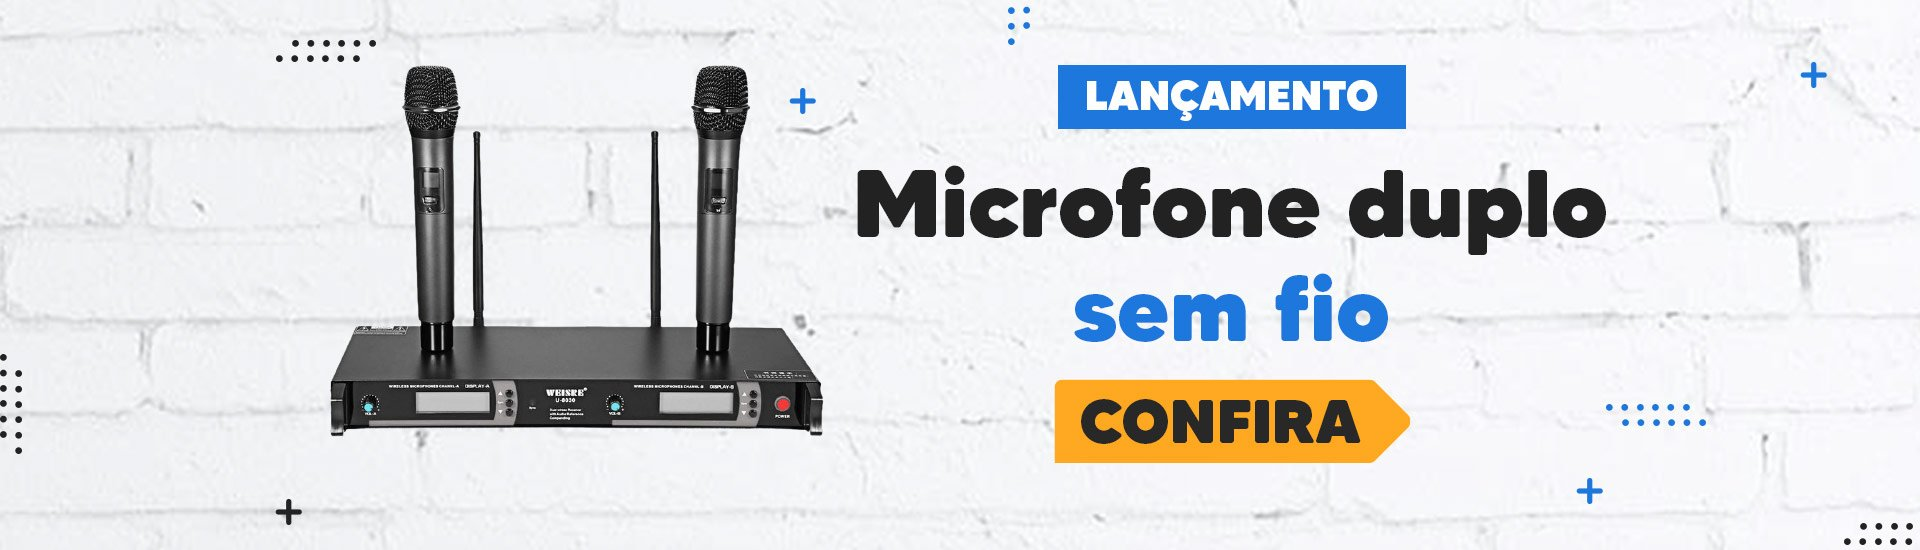 Lançamento - Microfone duplo sem fio